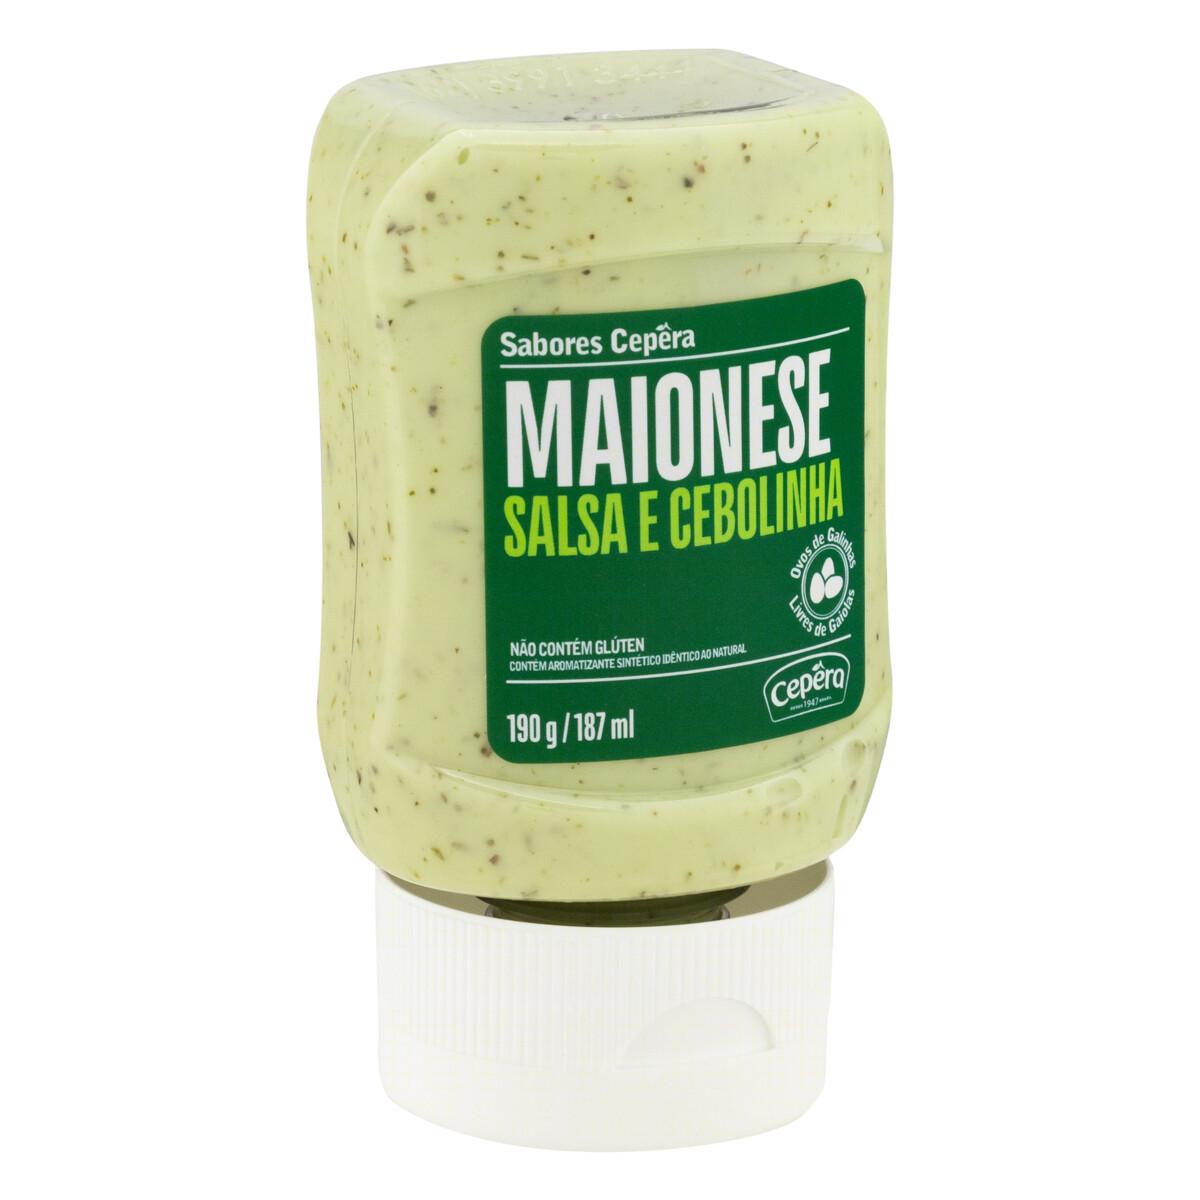 Maionese Salsa e Cebolinha 190g